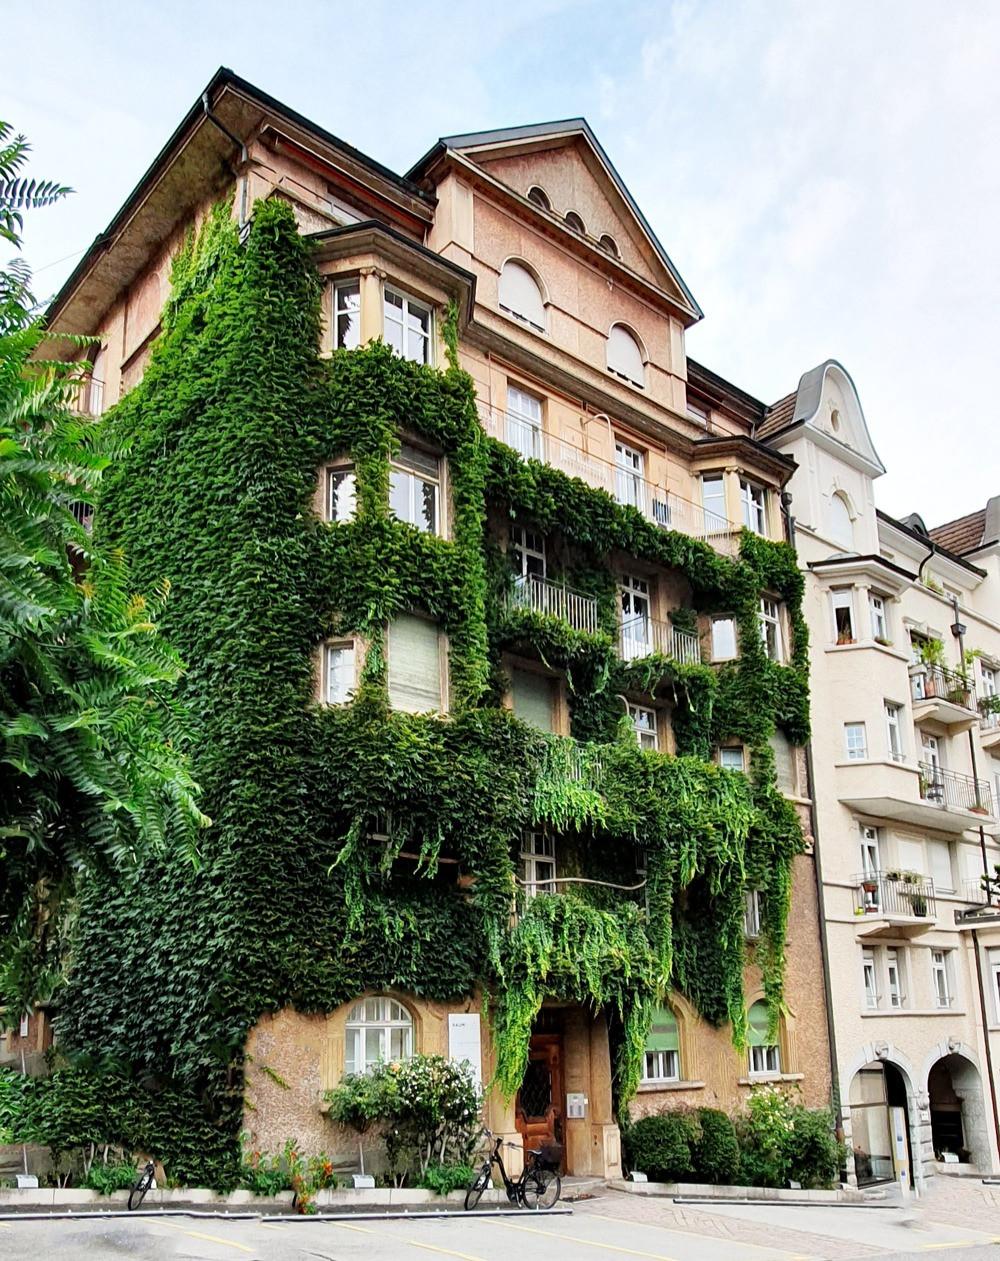 immeuble recouvert de lierre à Lucerne